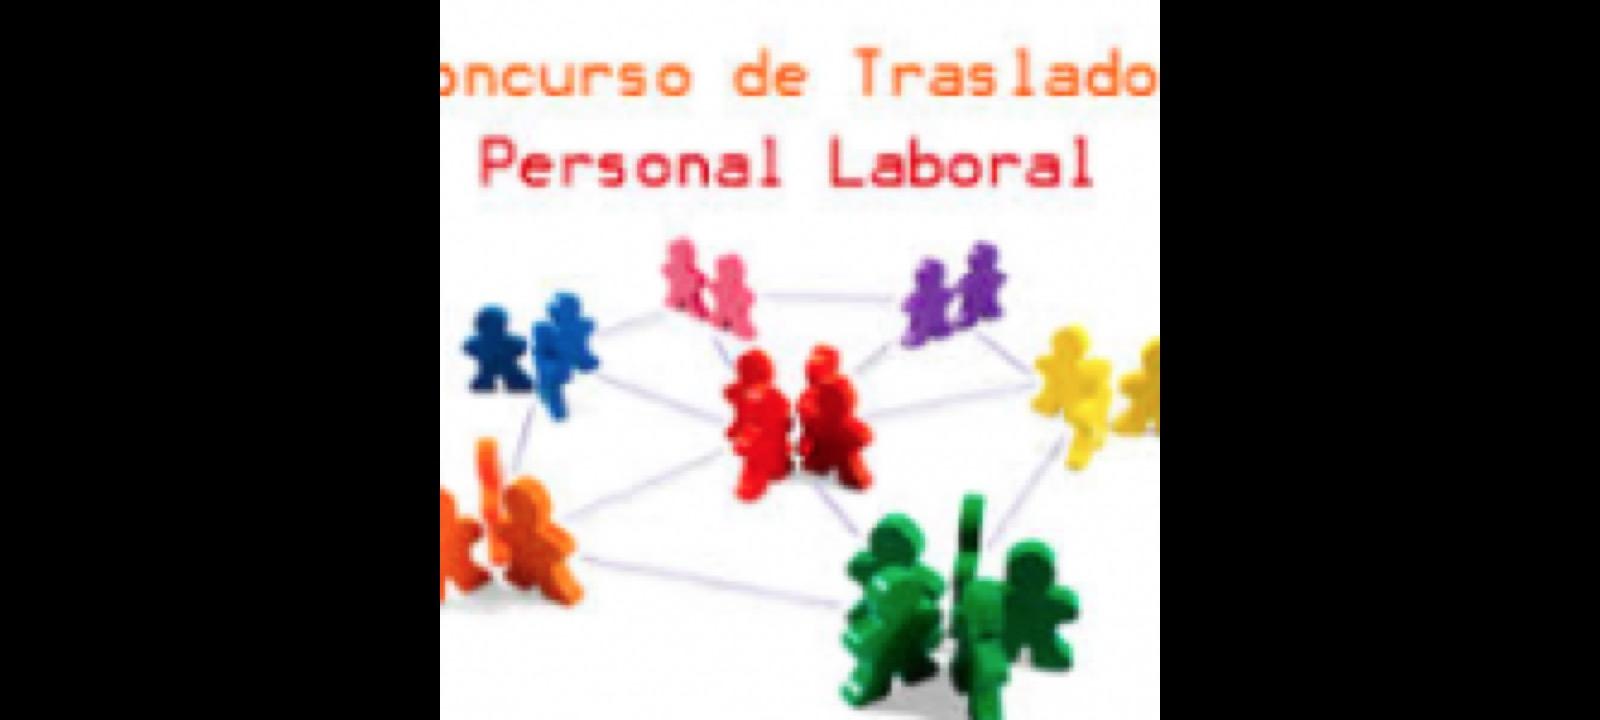 Publicada Adjudicación Definitiva del Concurso de traslados de Personal Laboral de la Junta de Comunidades de Castilla- La Mancha (CPL 3/2019)